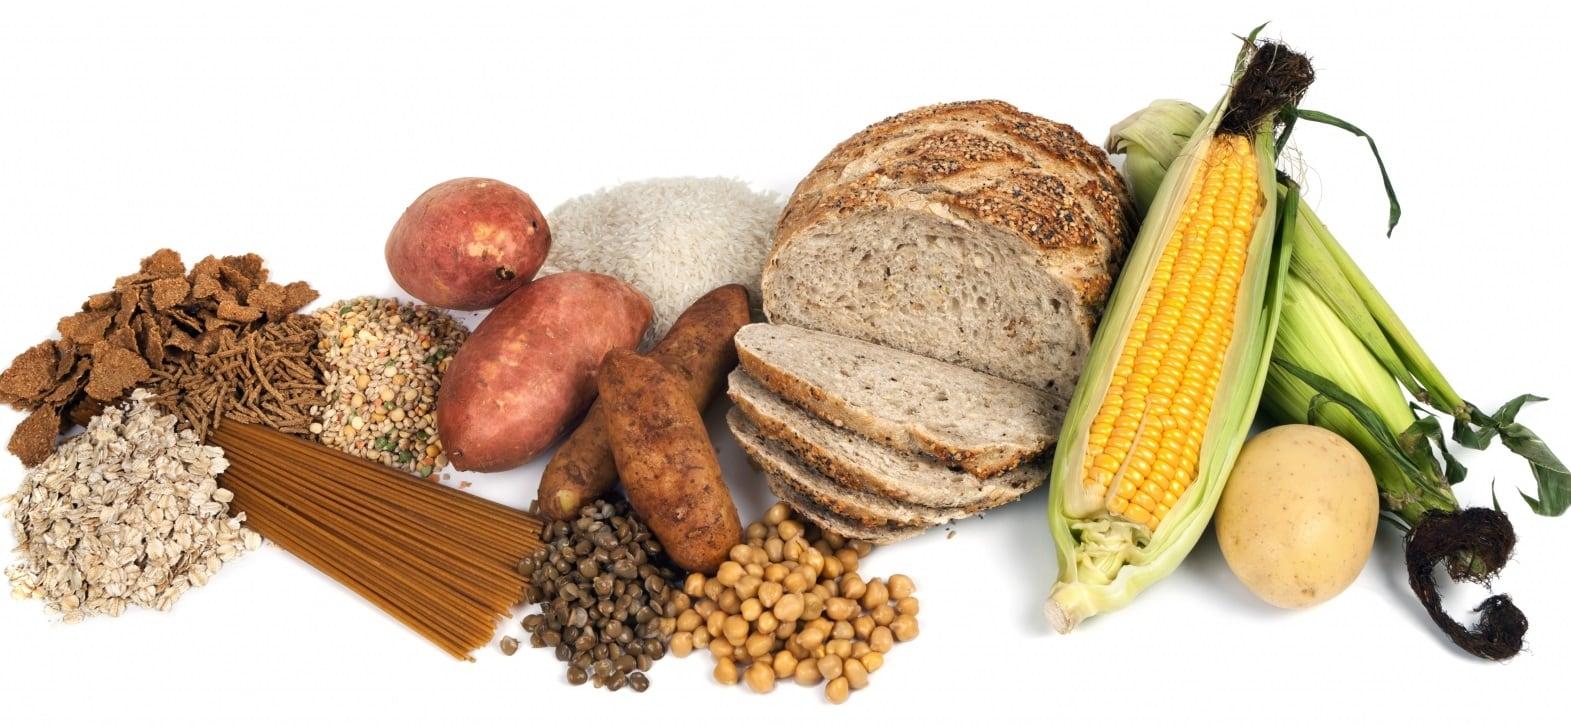 Dietas ricas en carbohidratos